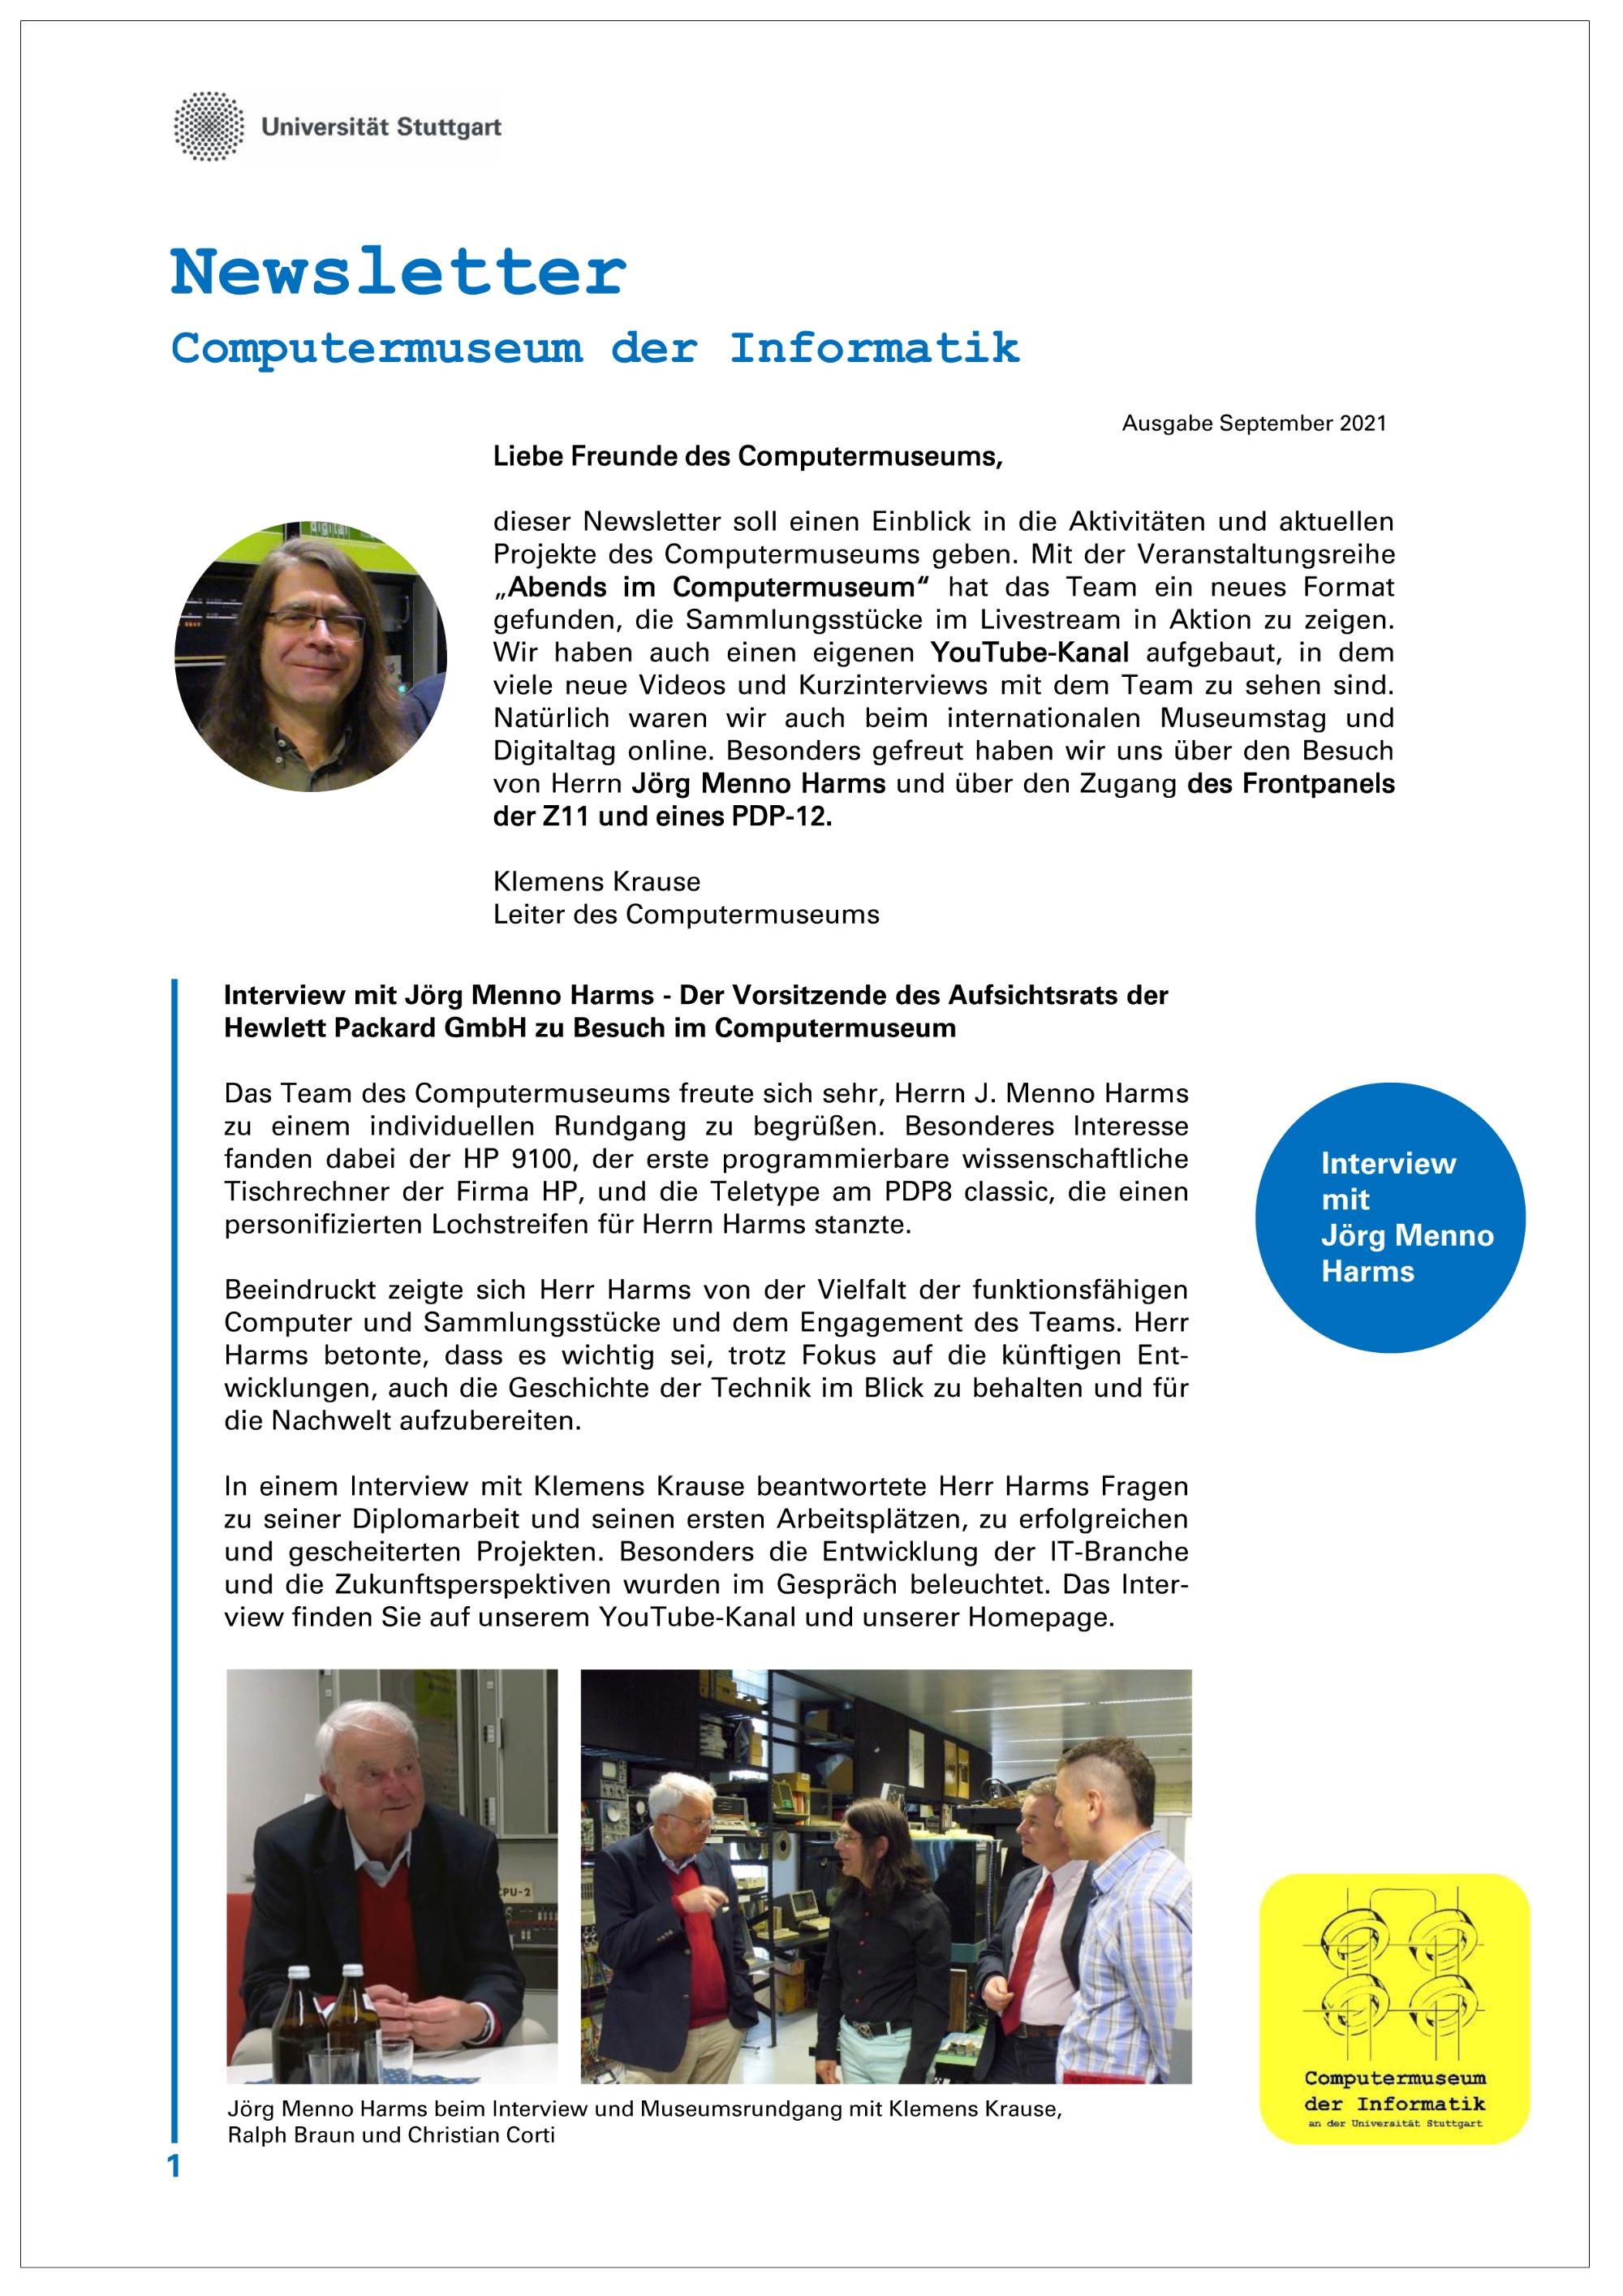 Newsletter_1S1